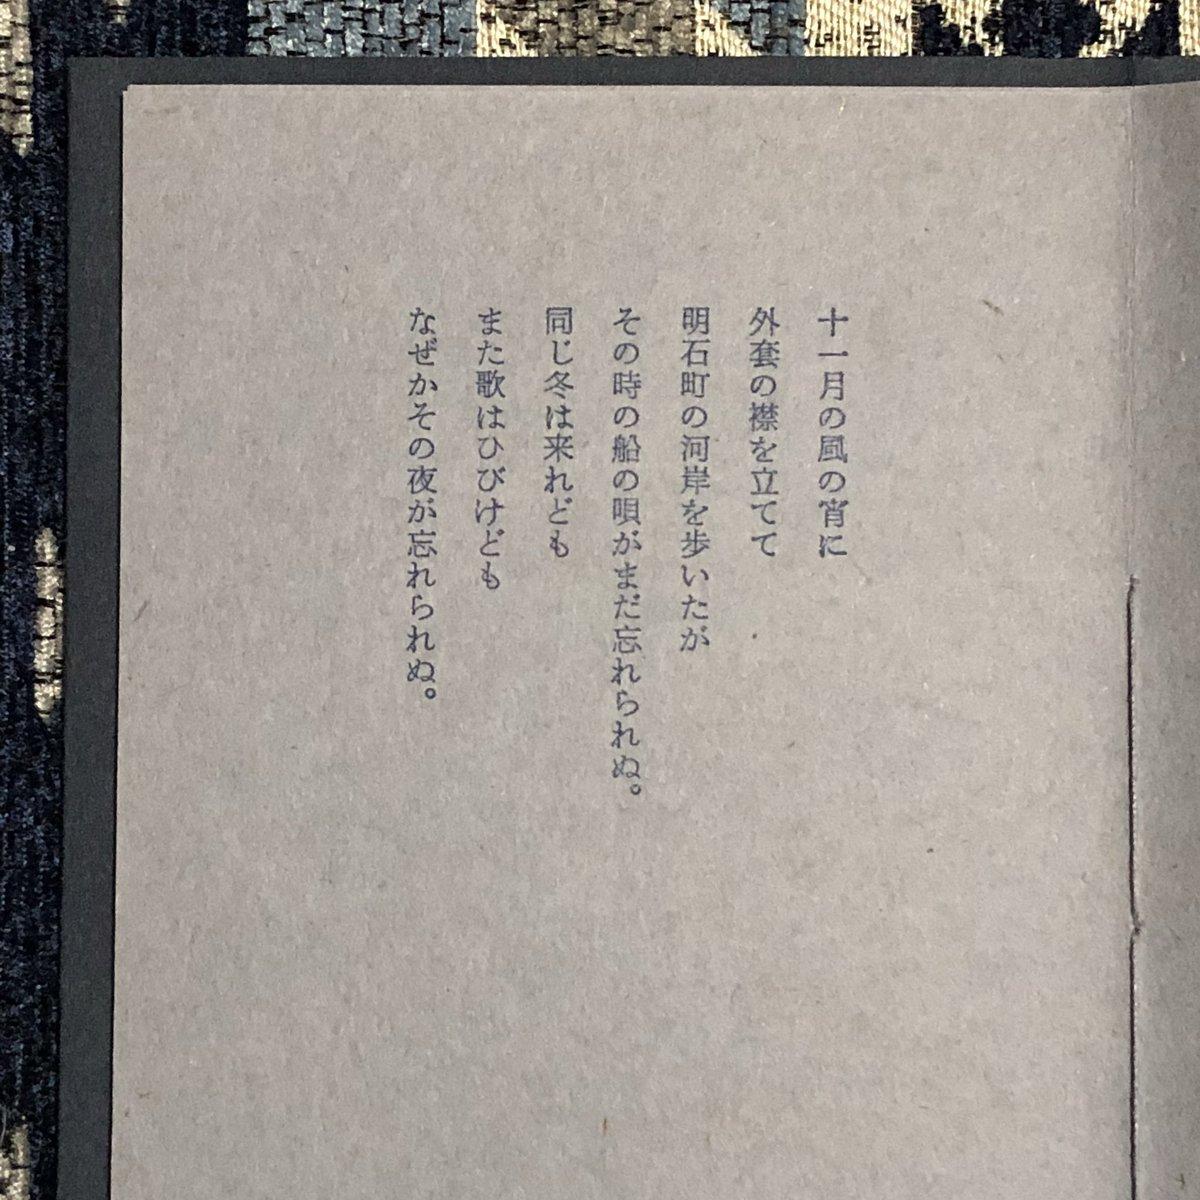 木下杢太郎 hashtag on Twitter